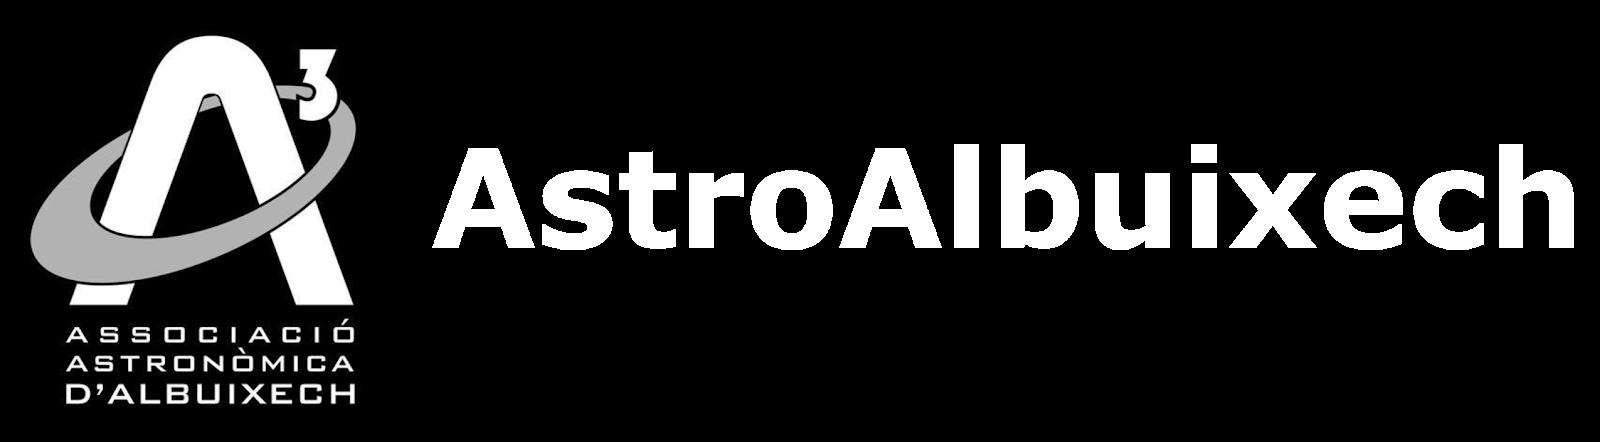 AstroAlbuixech